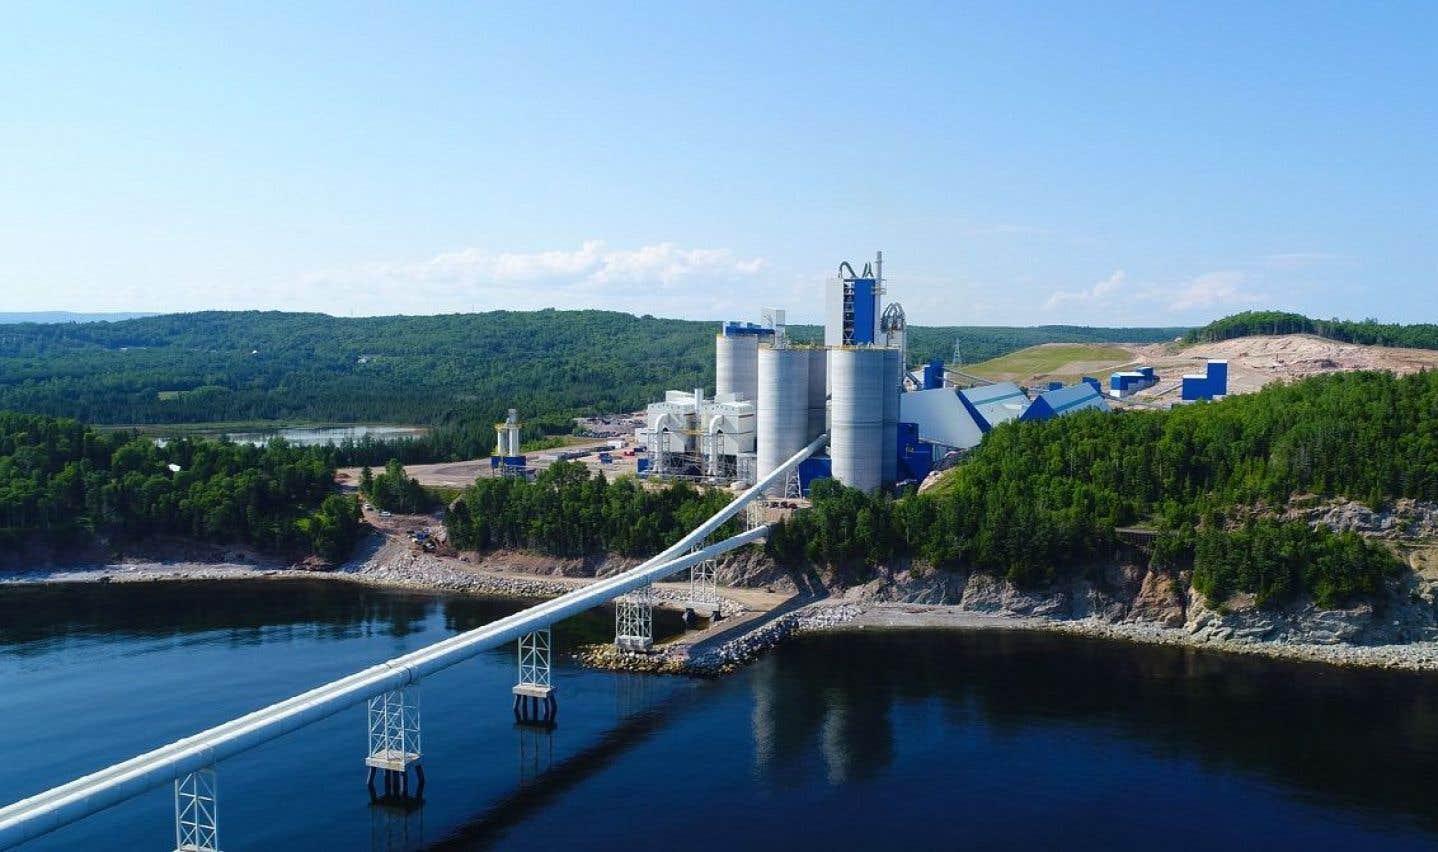 Contrairement à ce qui avait été avancé au moment du développement du projet, Ciment McInnis ne cible pas en priorité l'exportation de sa production vers les États-Unis.